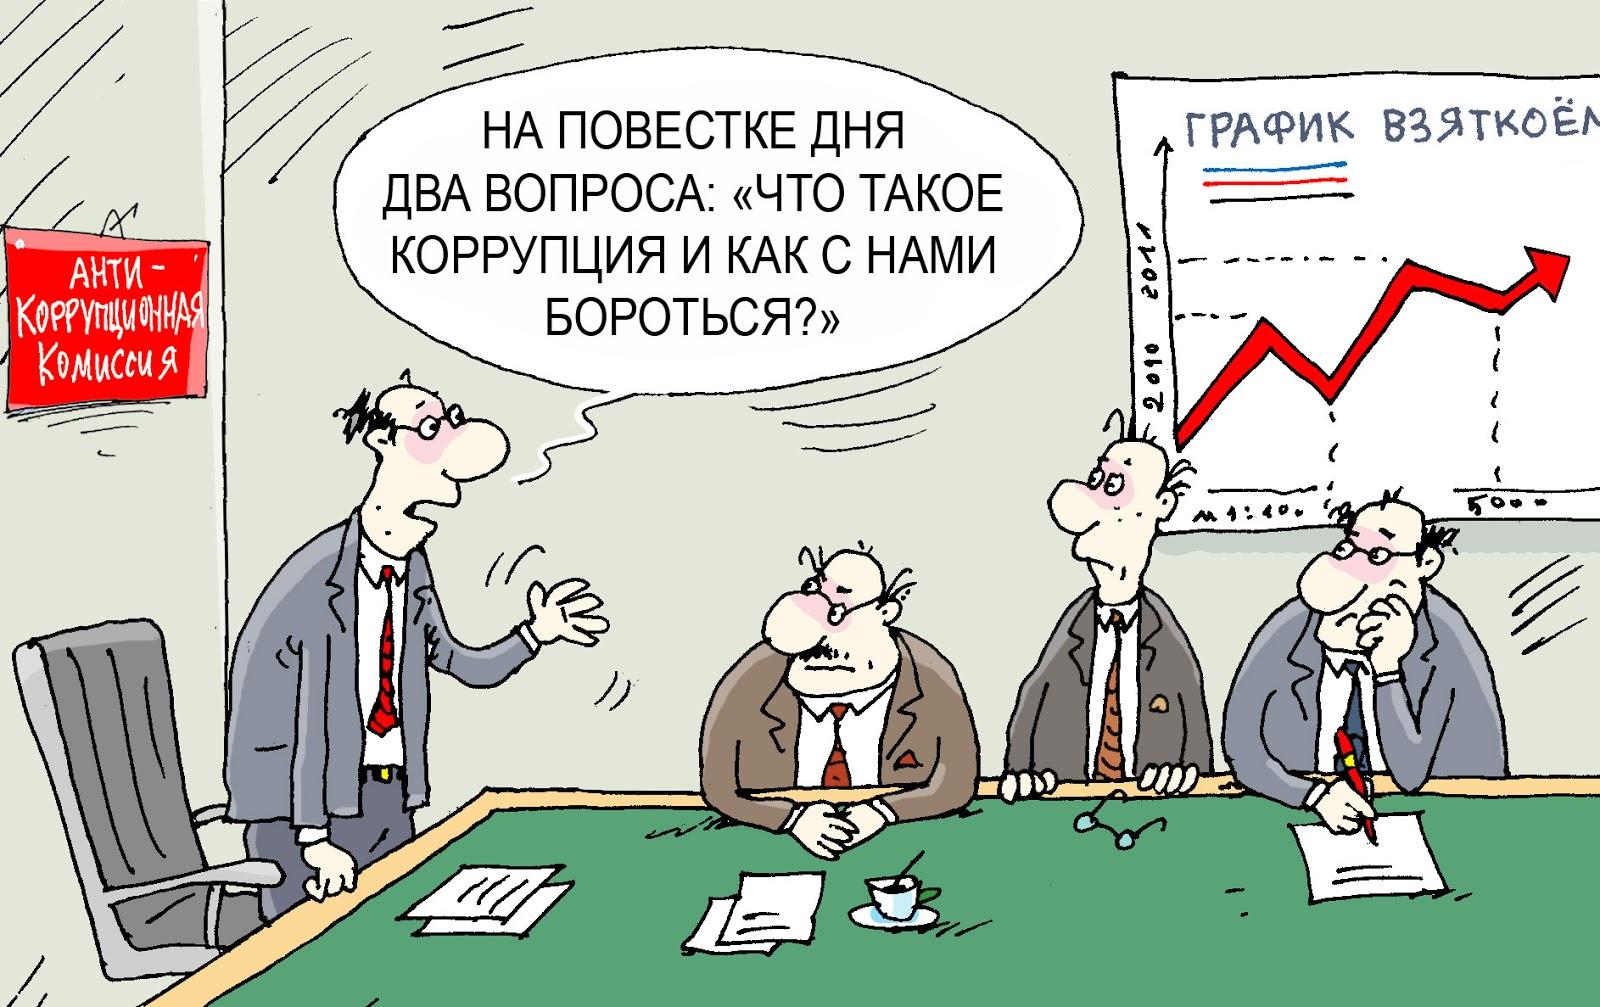 """Украина затянула с созданием Агентства по предотвращению коррупции: """"Это не дает уверенности в общем процессе"""", - Томбиньский - Цензор.НЕТ 8789"""